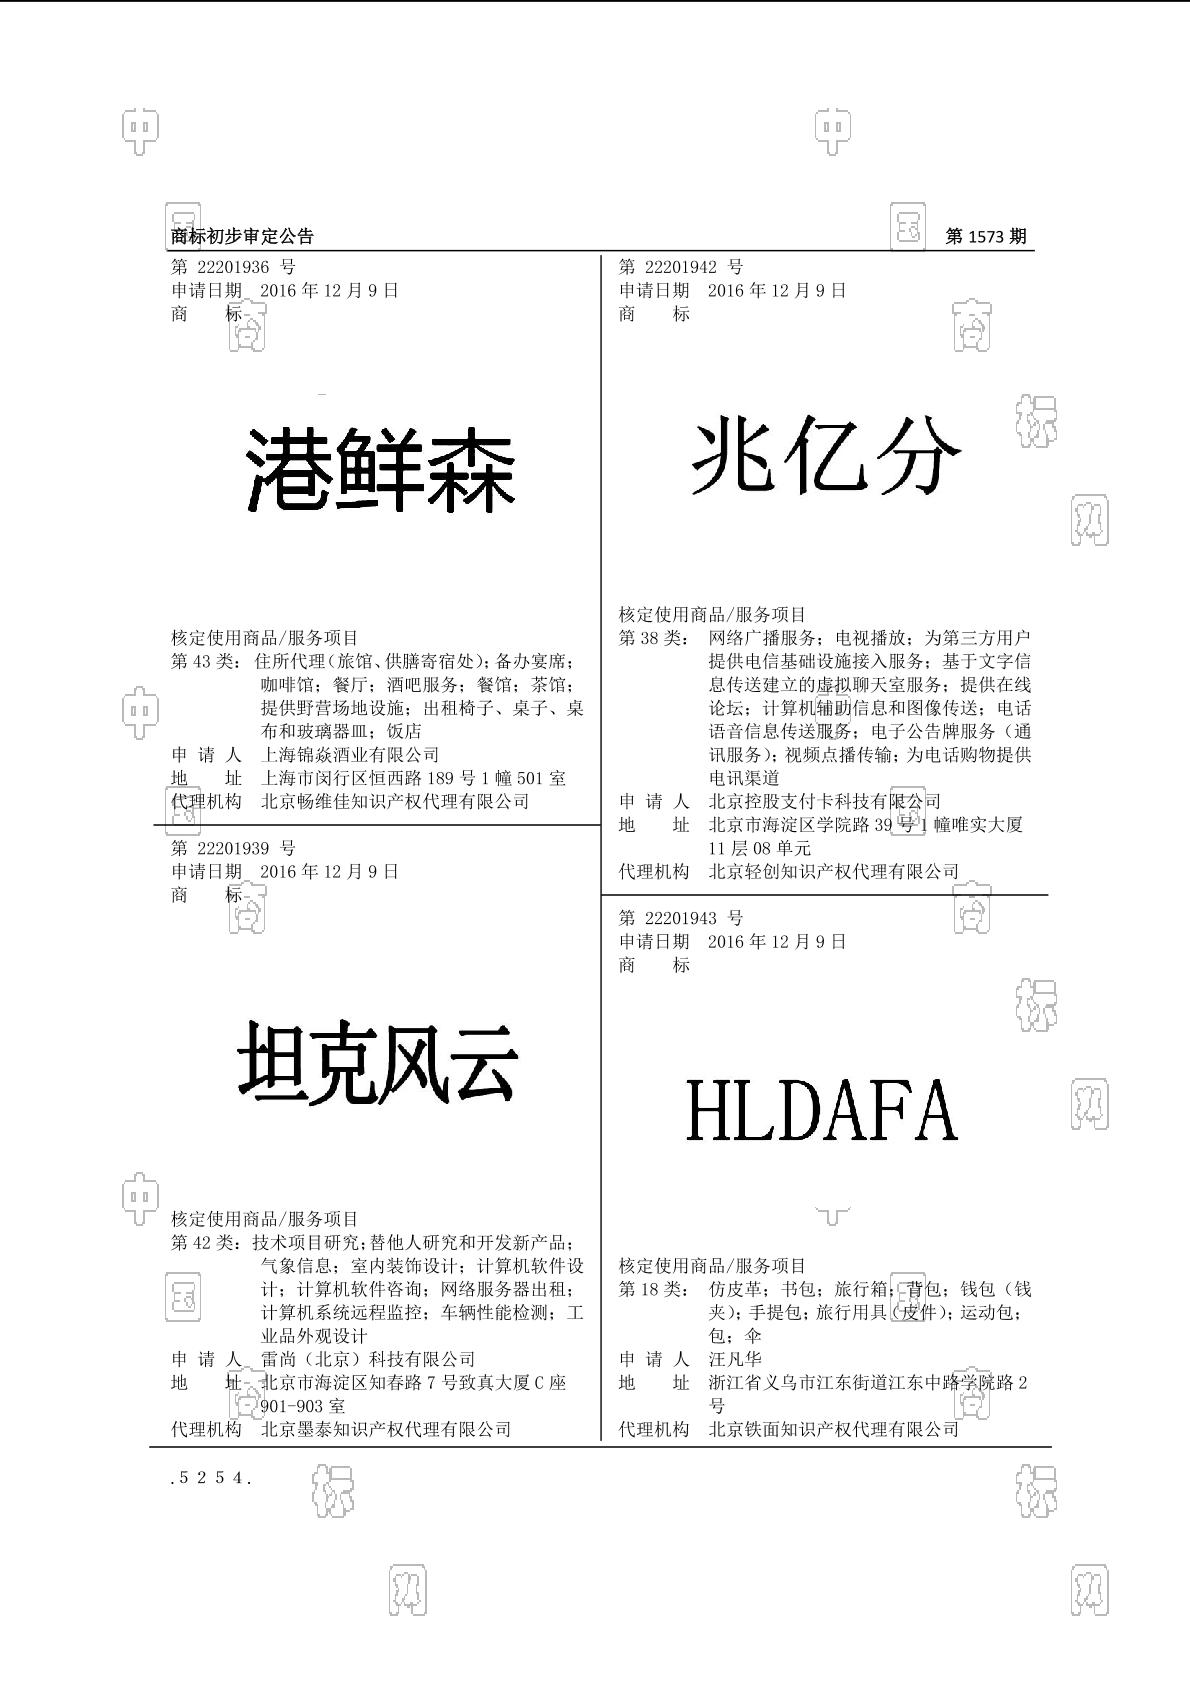 【社标网】HLDAFA商标状态注册号信息 汪凡华商标信息-商标查询